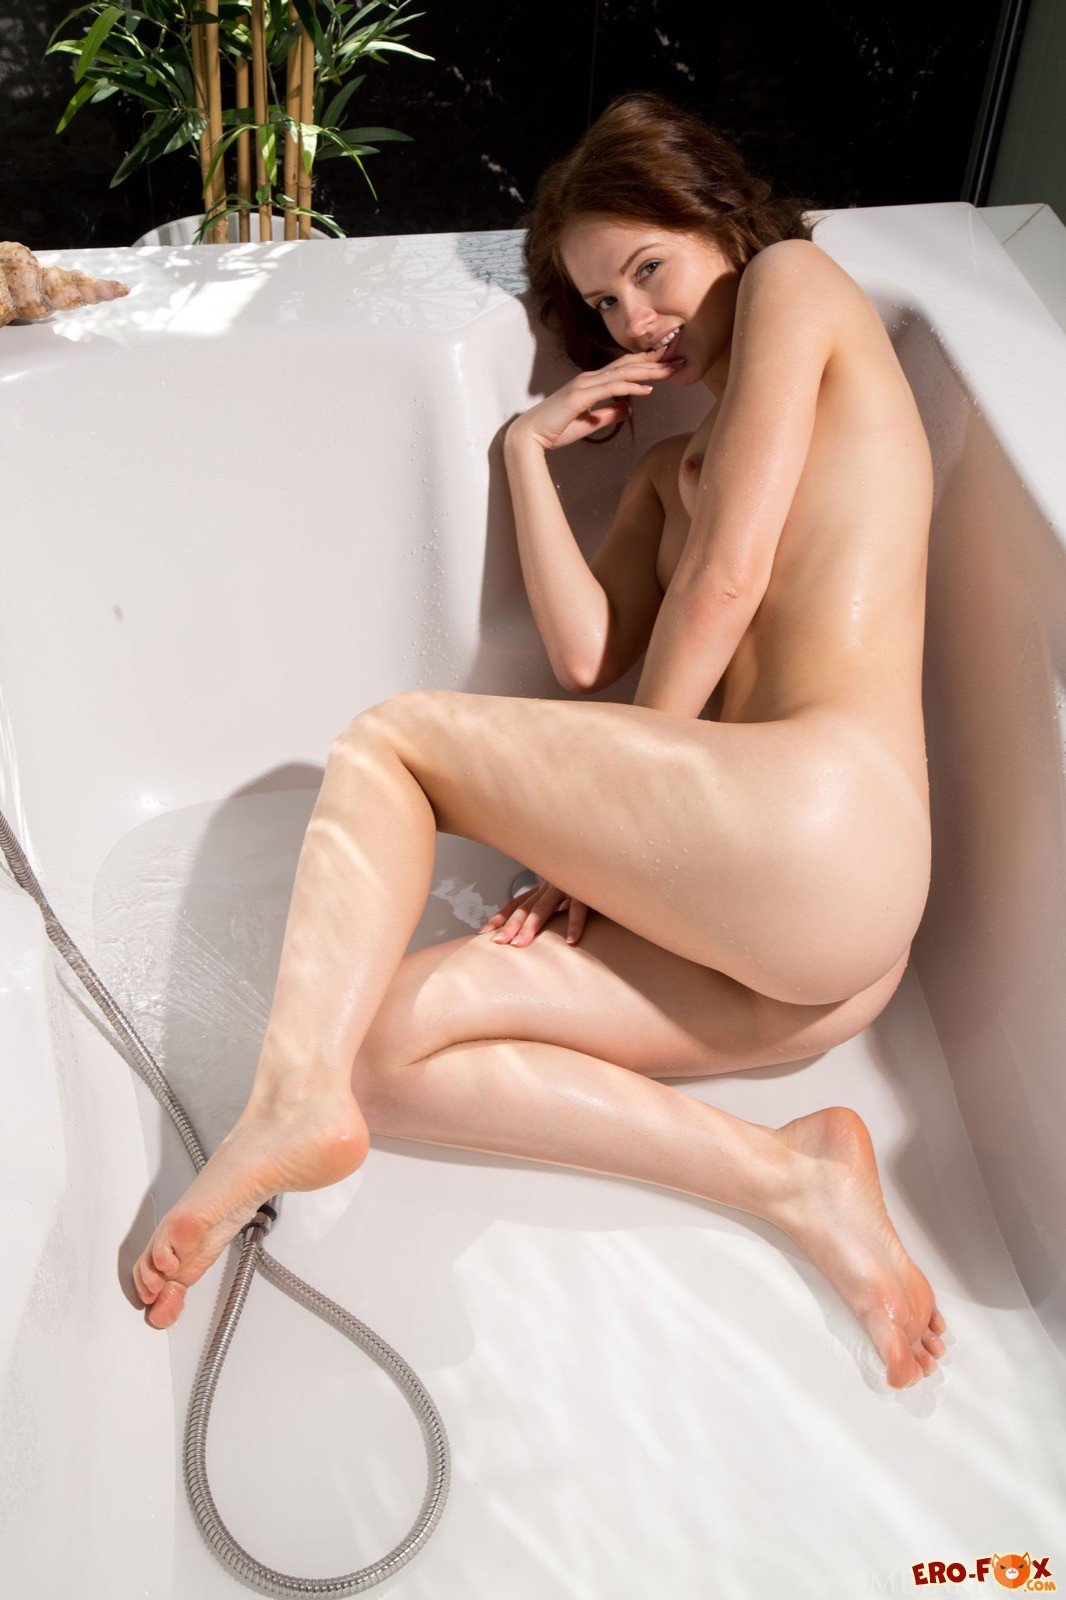 Милашка с крошечными сиськами позирует в ванной